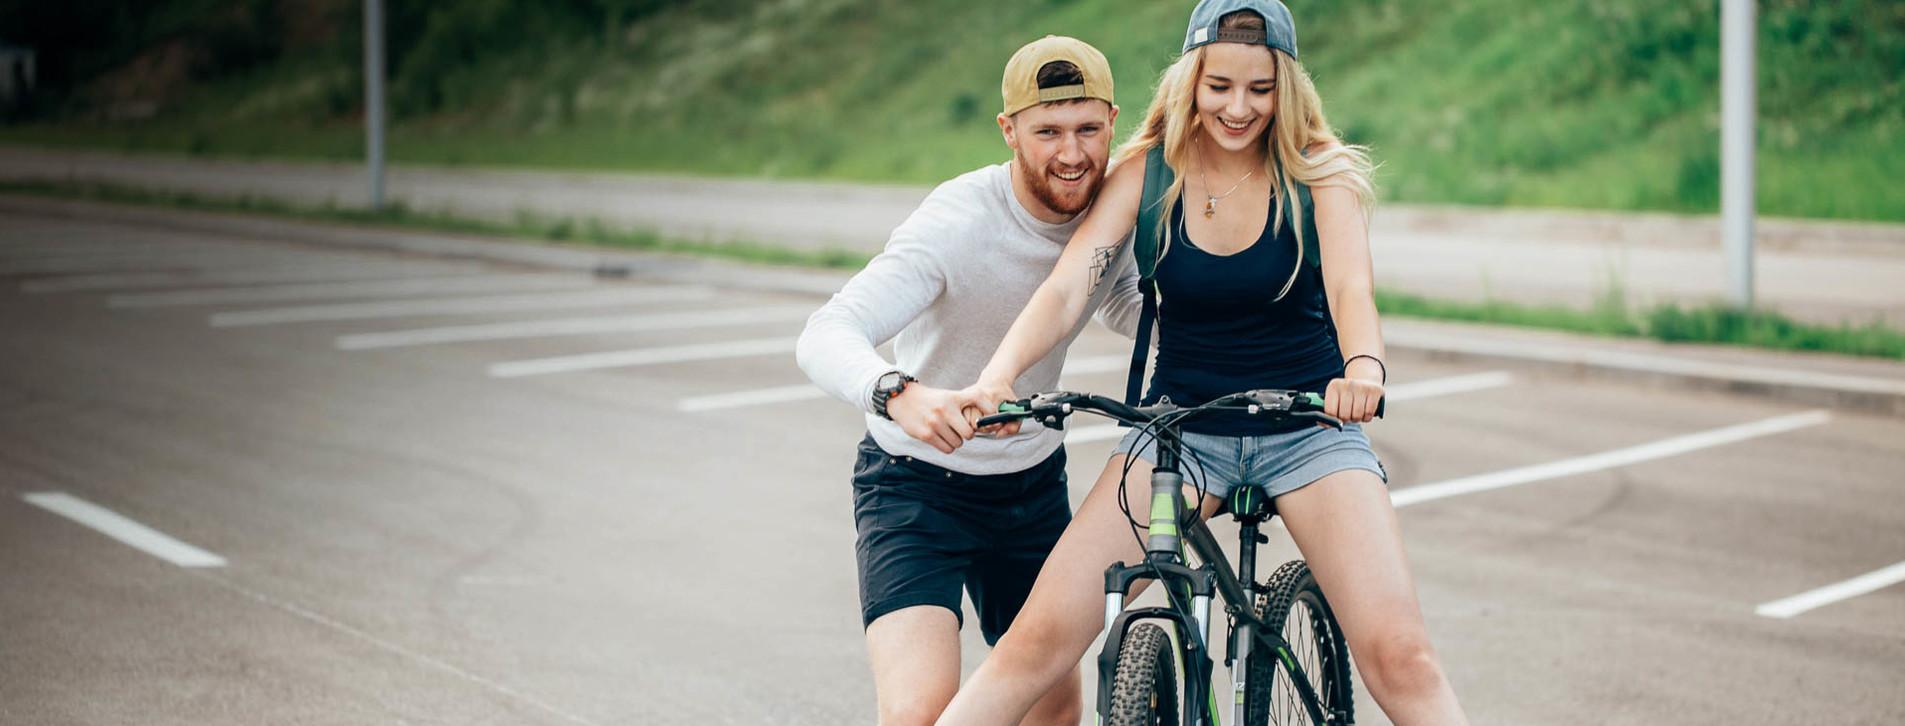 Фото - Велошкола для начинающих